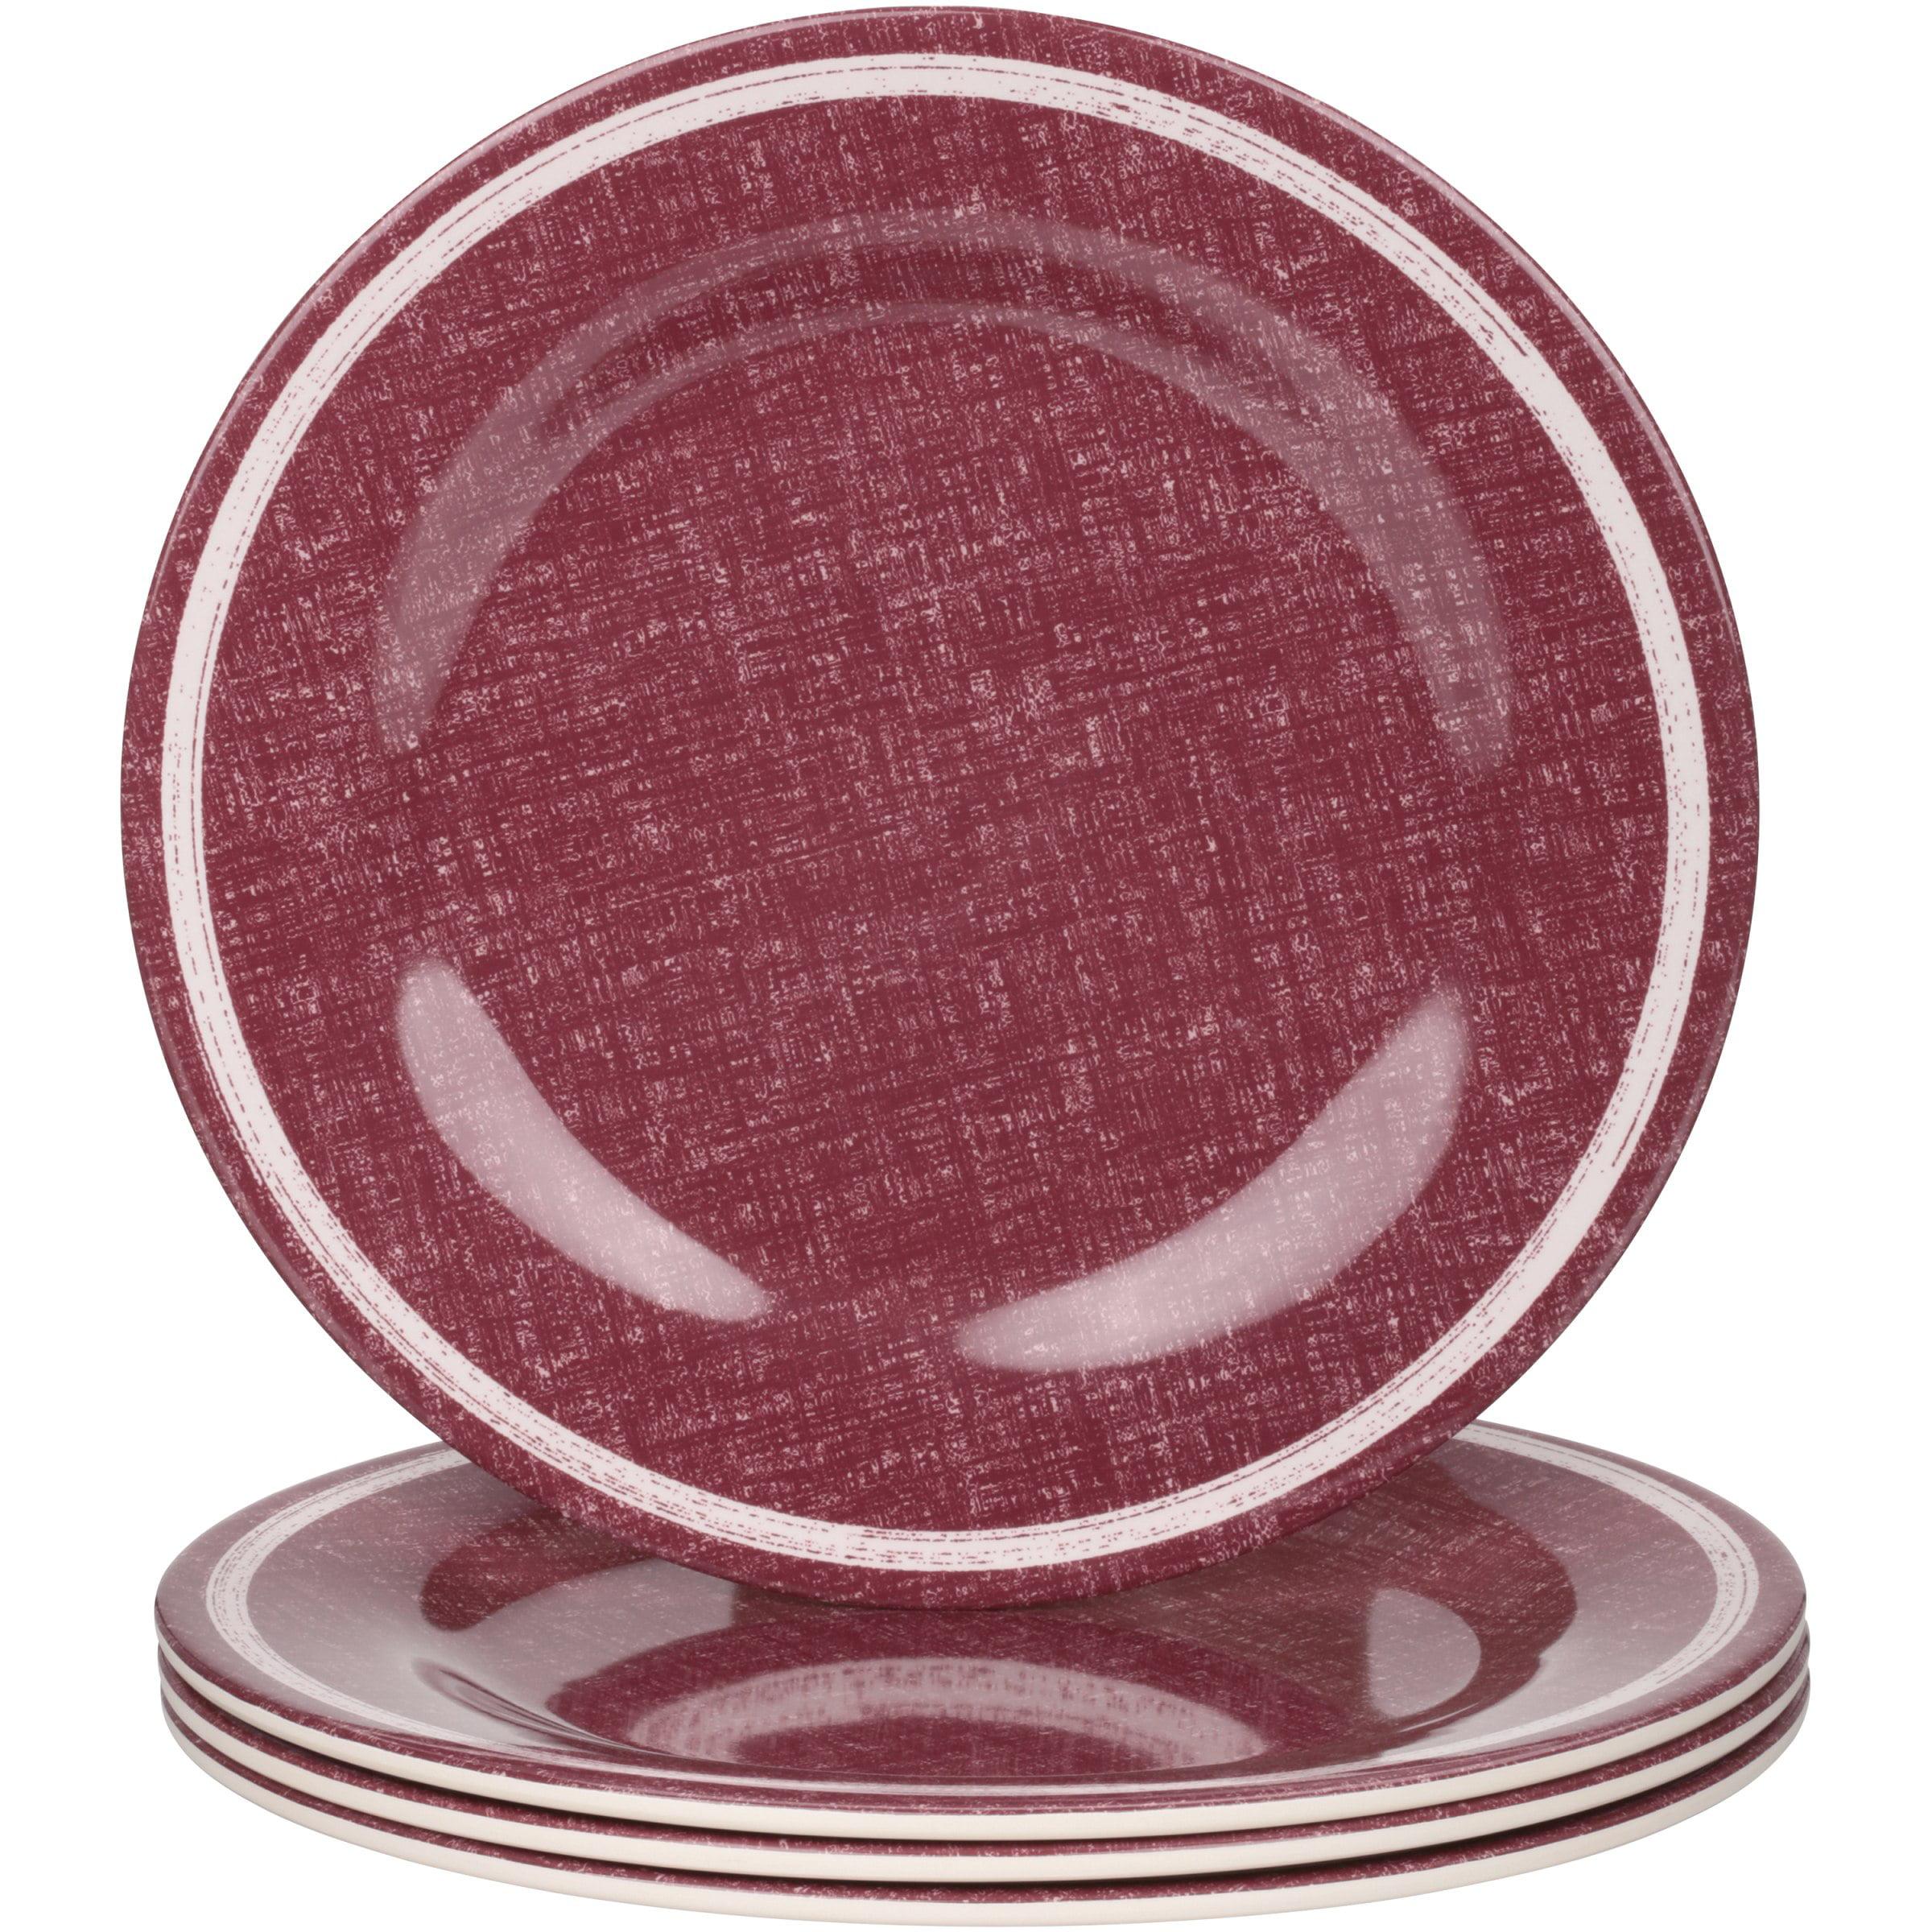 Mainstays Red Linen Melamine Dinner Plate, 4 Pack